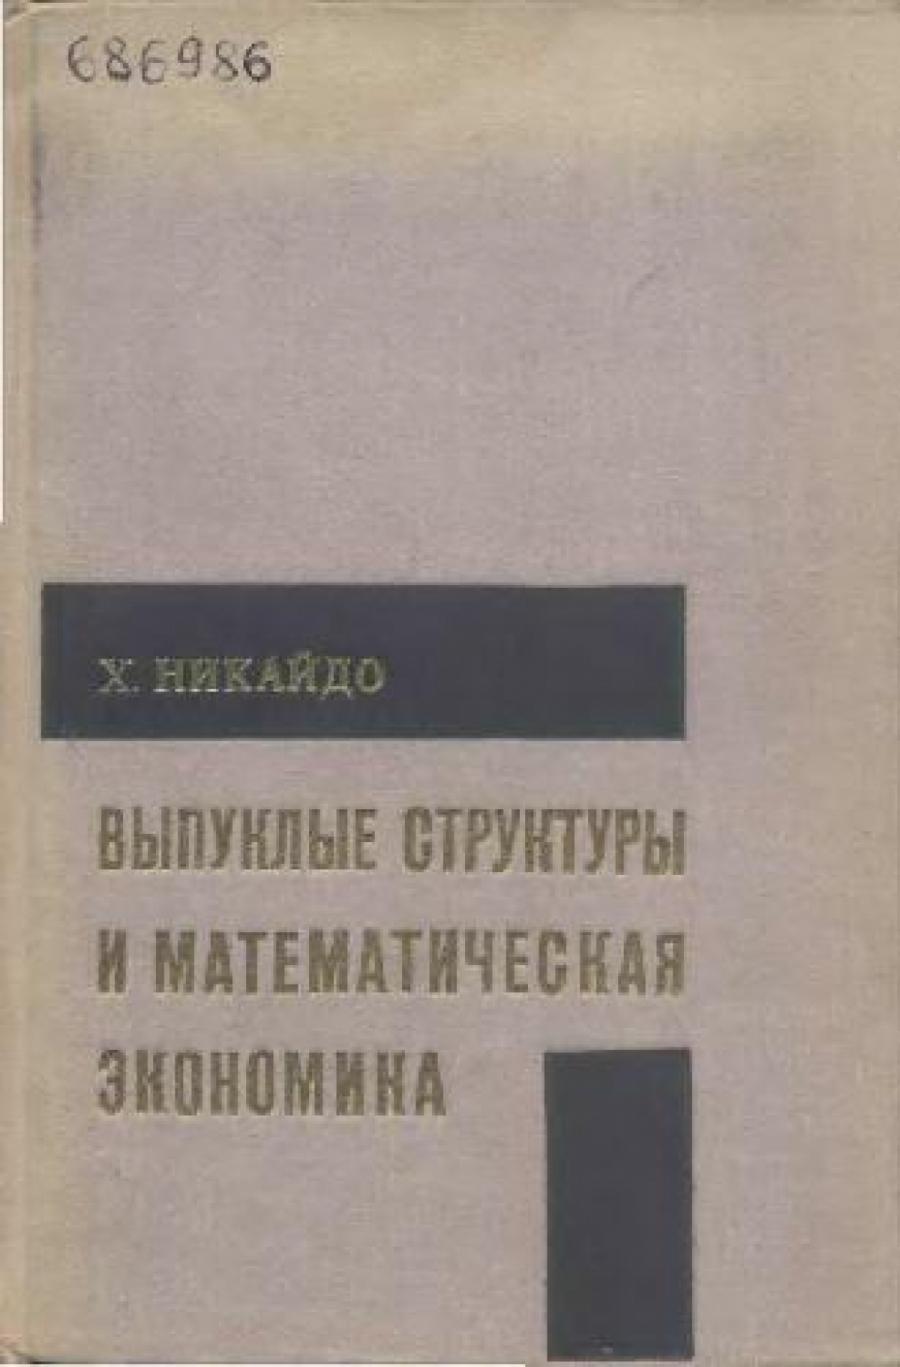 Обложка книги:  х. никайдо - выпуклые структуры и математическая экономика